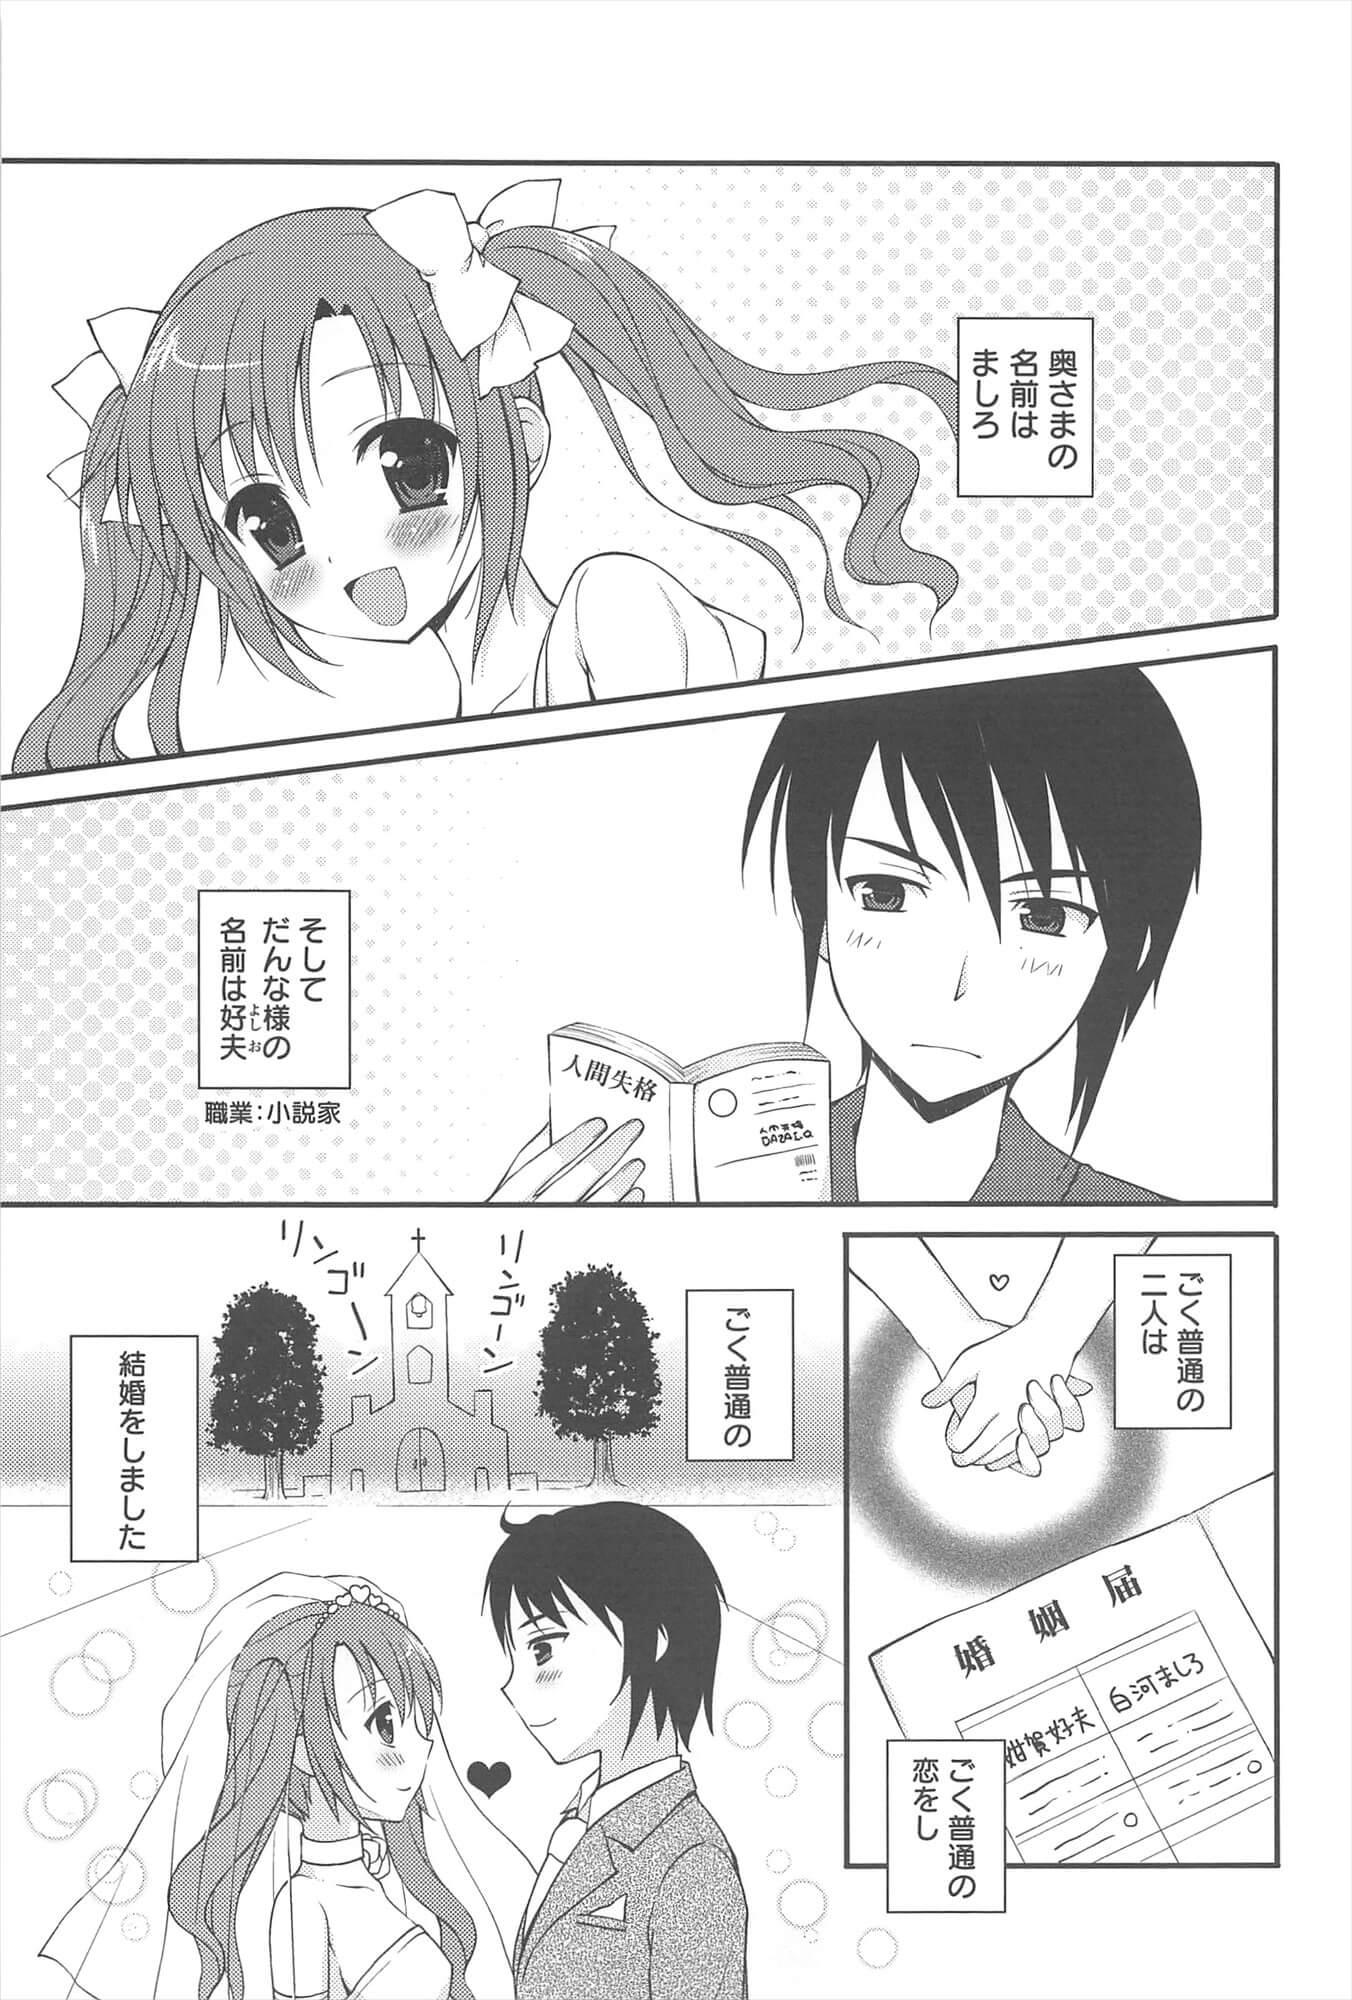 【エロ漫画】キモい先生を調べてたら見つかってナノマシン注入され操作されちゃってる!【無料 エロ同人】